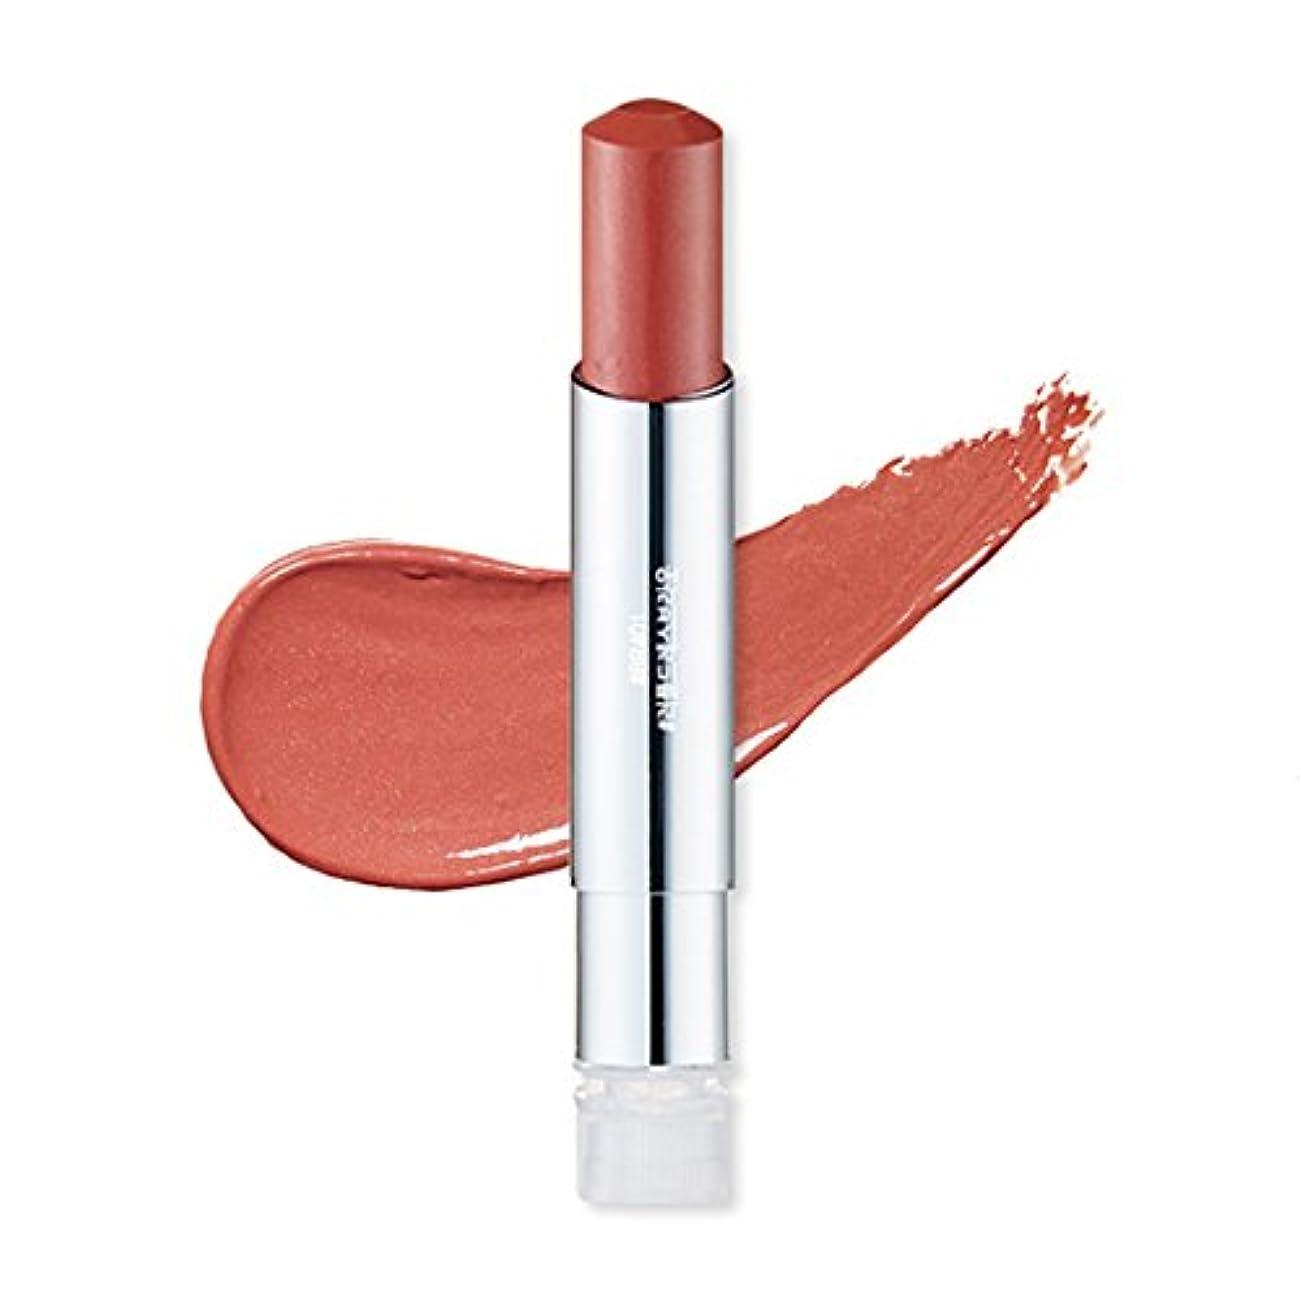 要件アマチュア要旨Etude House Glass Tinting Lips Talk #BR401 エチュードハウスグラスチンチンリップトーク #BR401 [並行輸入品]